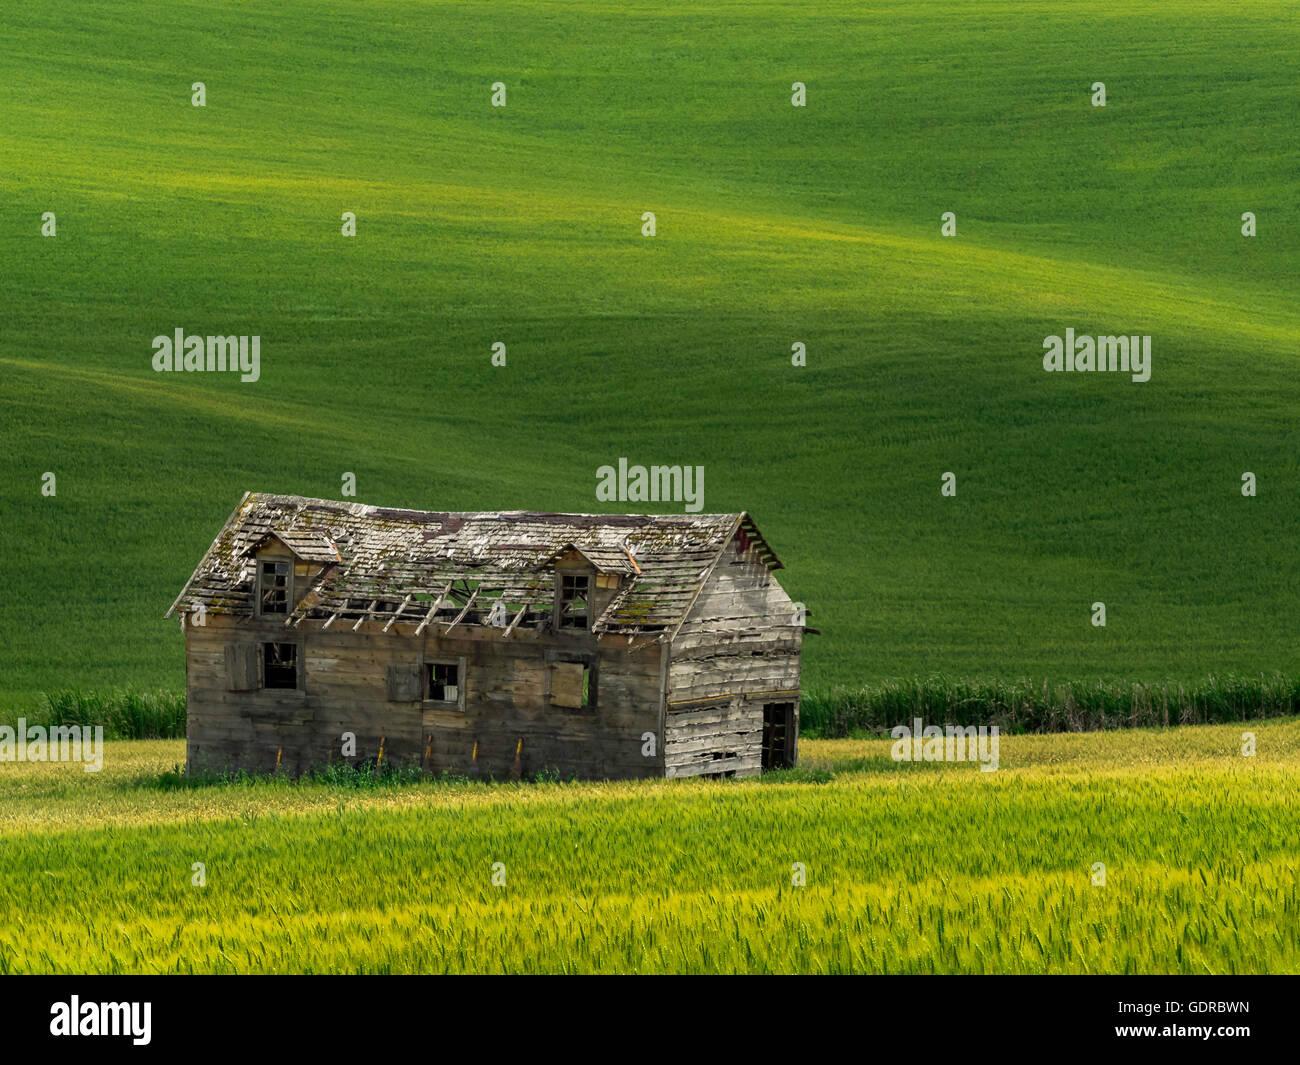 Abandonner une chambre assis dans un champ de canola. Photo Stock